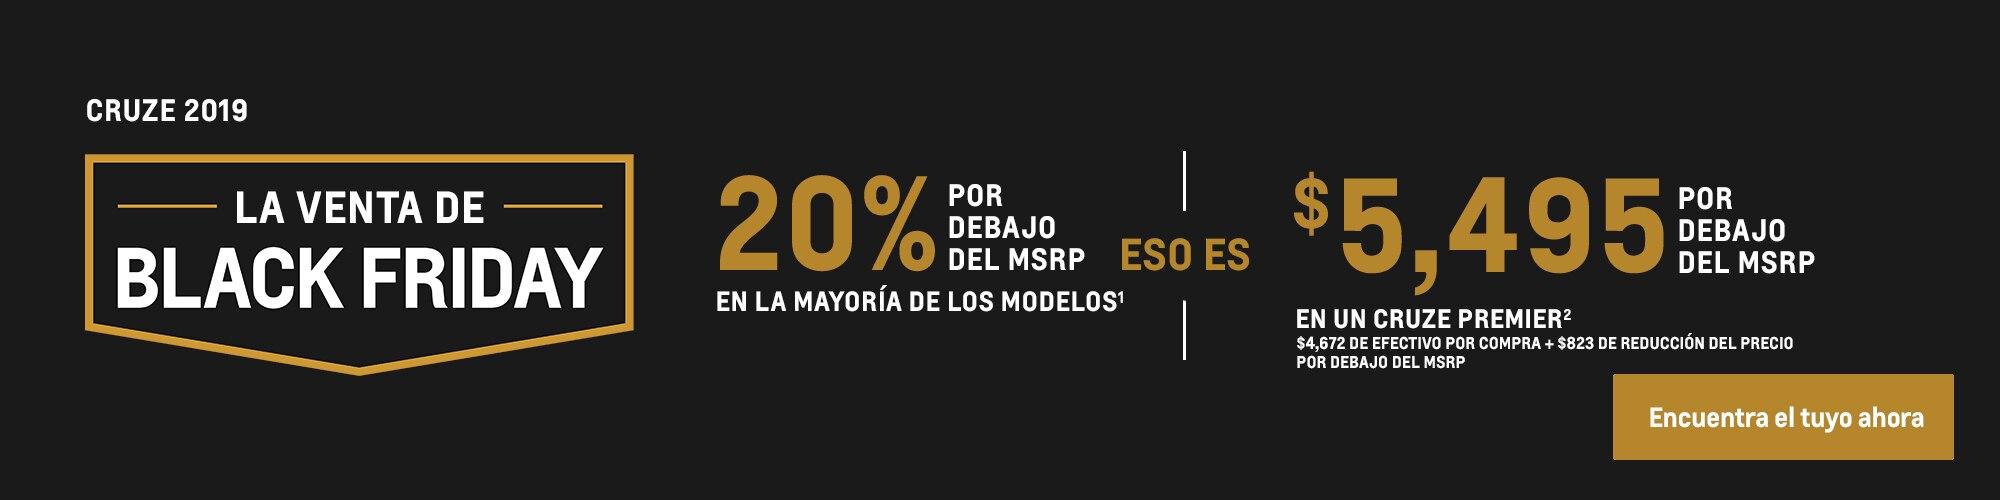 Cruze 2019: 20% por debajo del MSRP